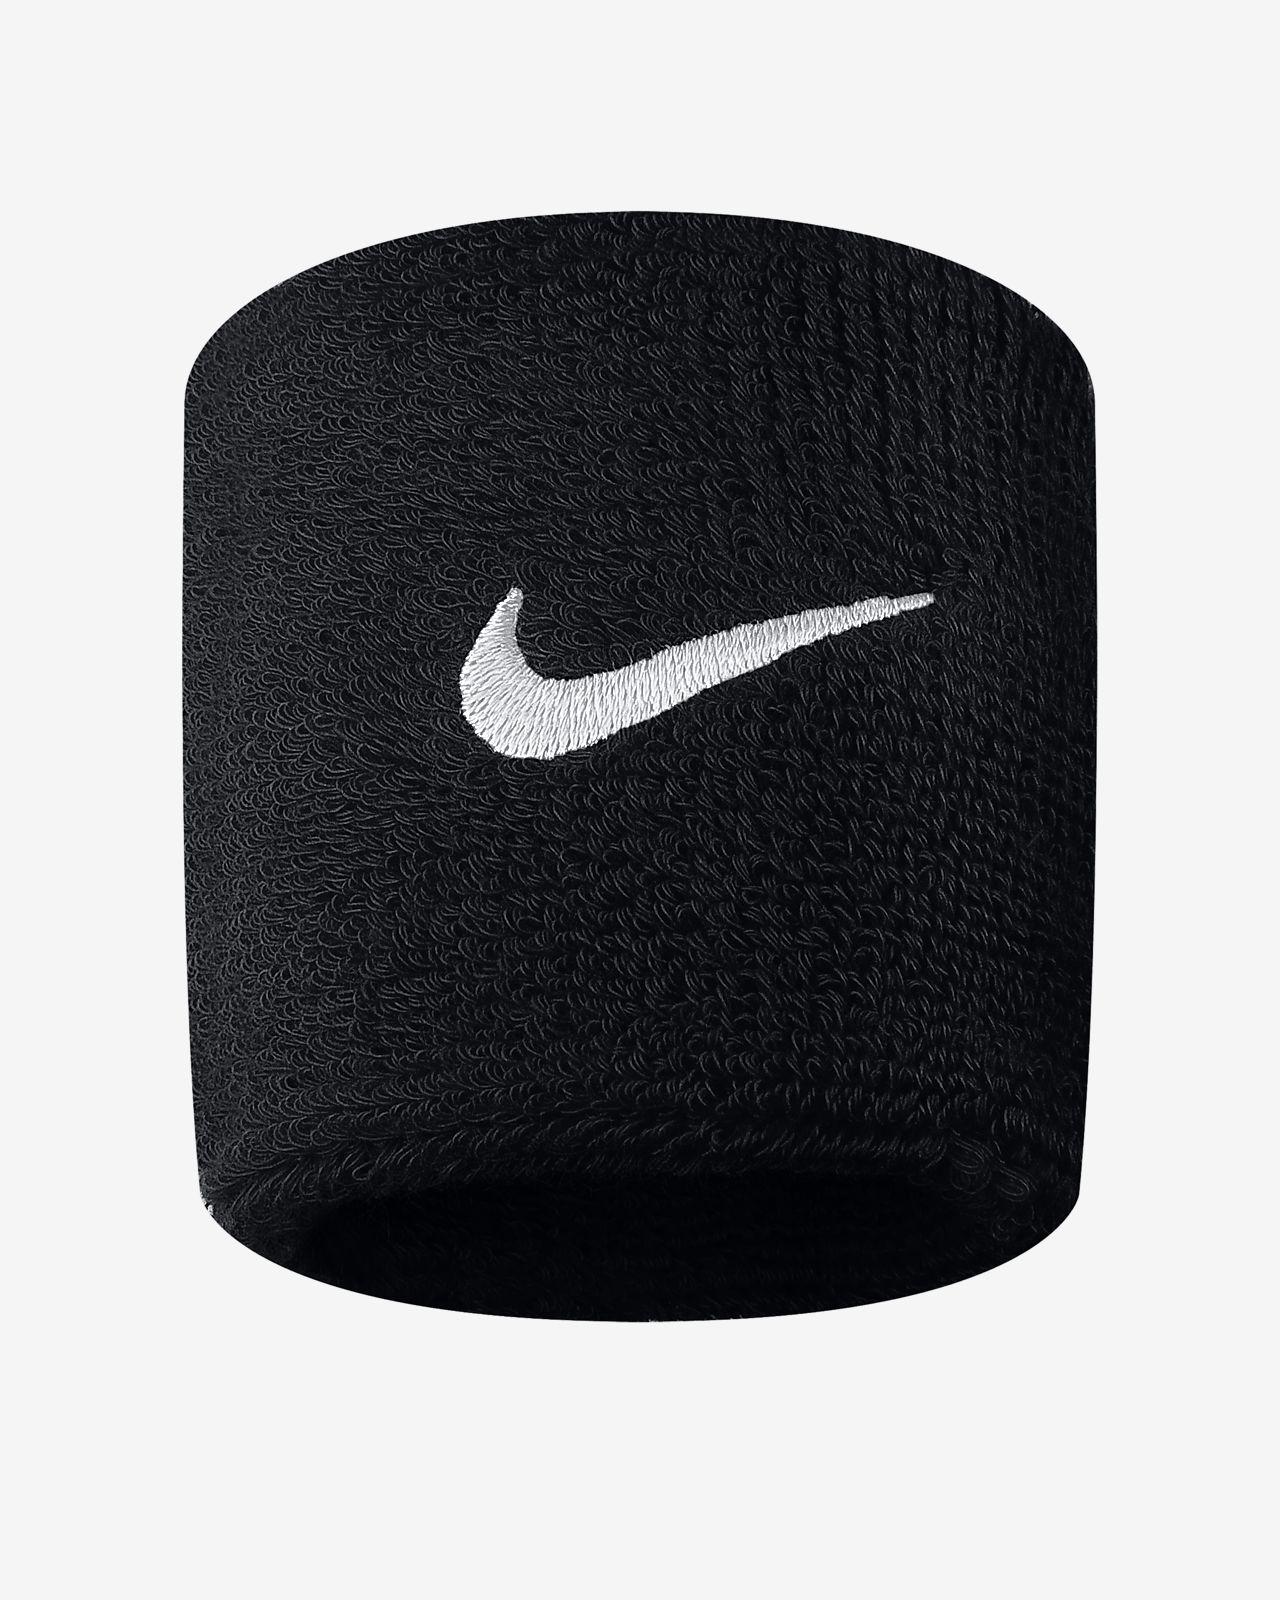 สายรัดข้อมือ Nike Swoosh